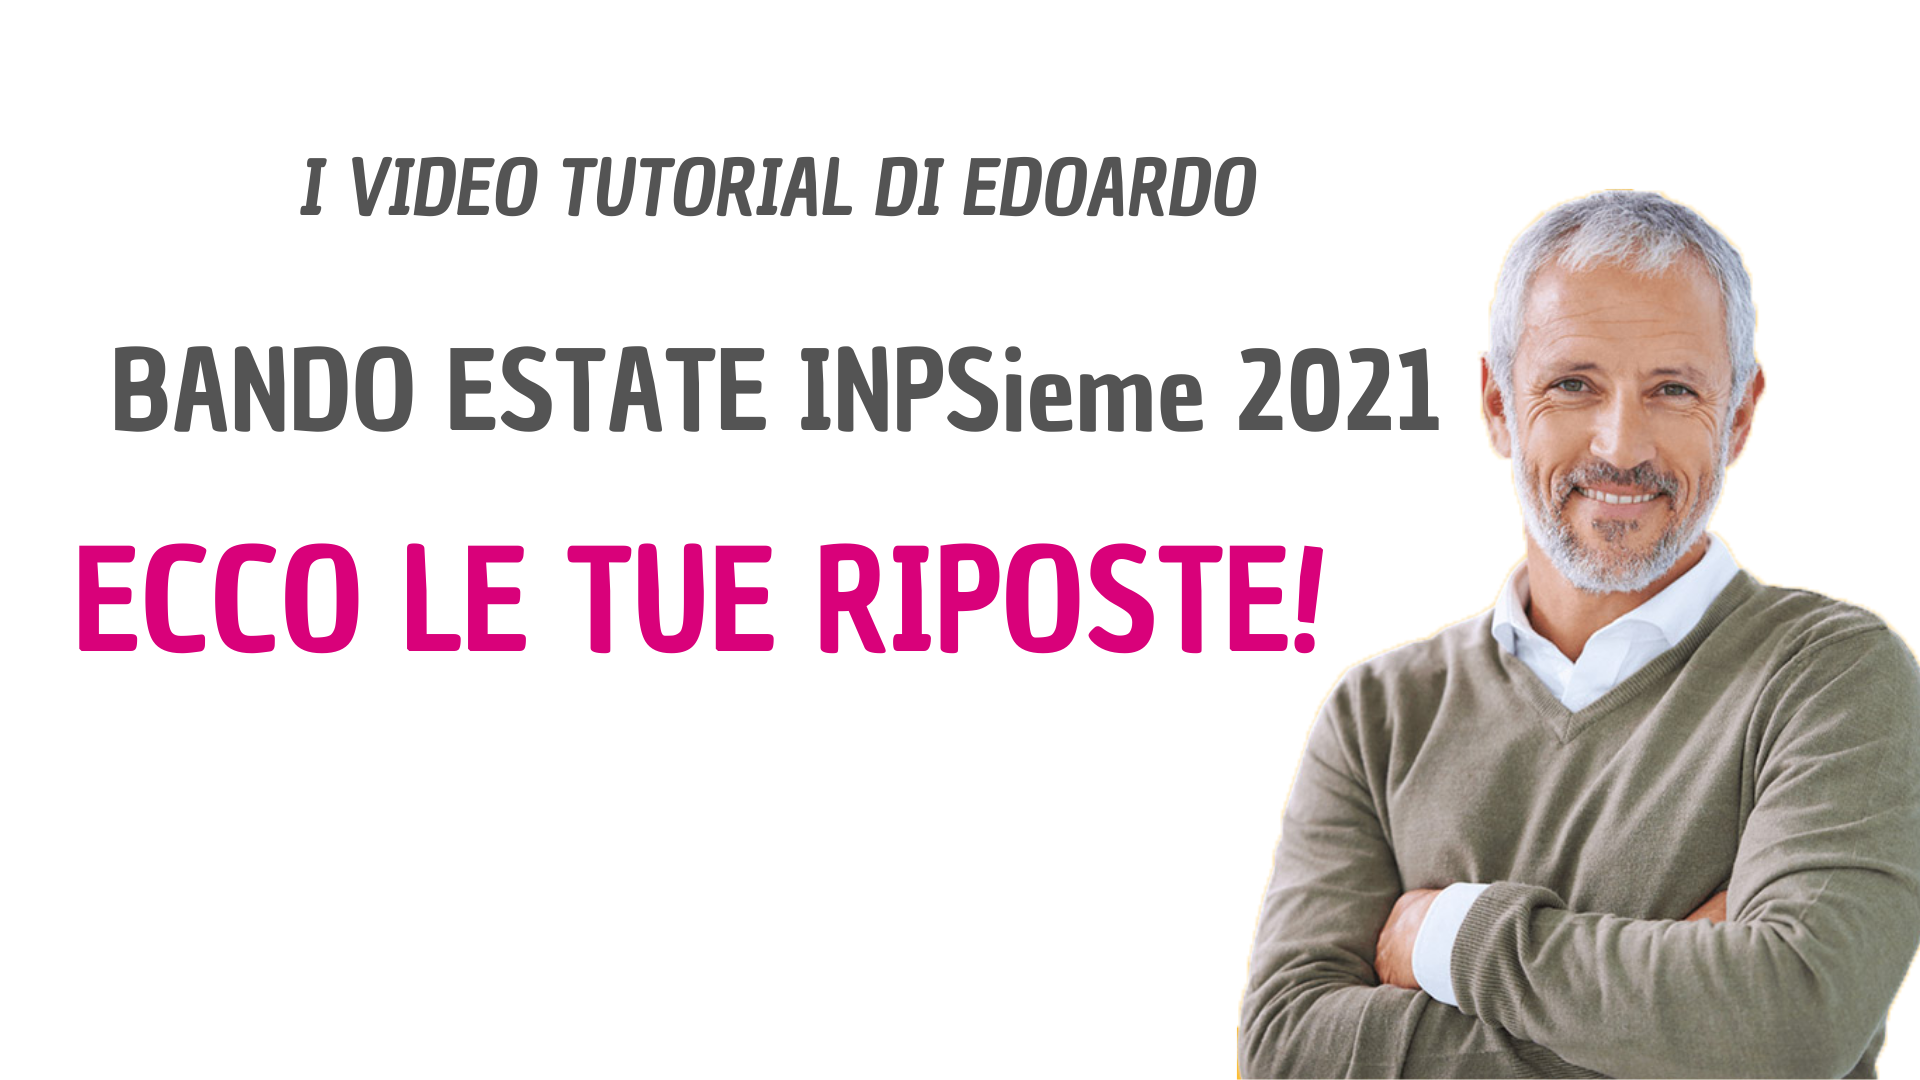 Bando Estate INPSIEME 2021 DOMANDE FREQUENTI